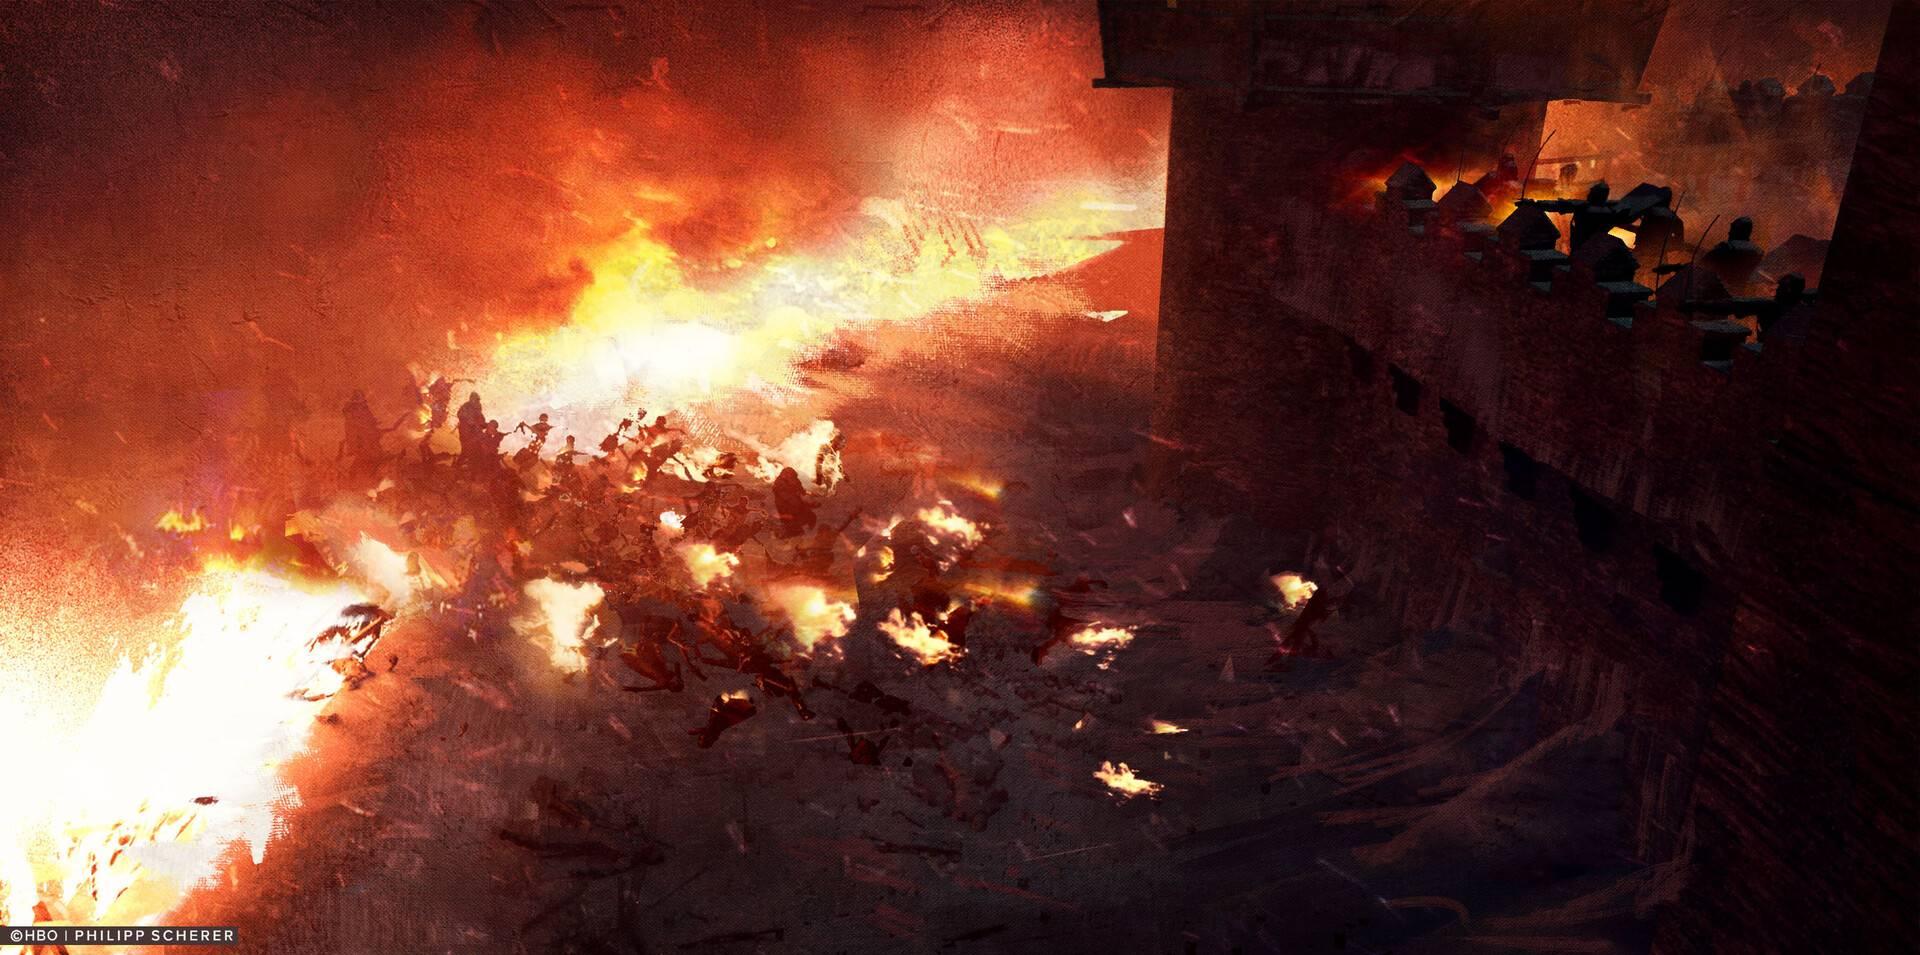 Концепт-арт: иллюстрации к восьмому сезону «Игры престолов» 11